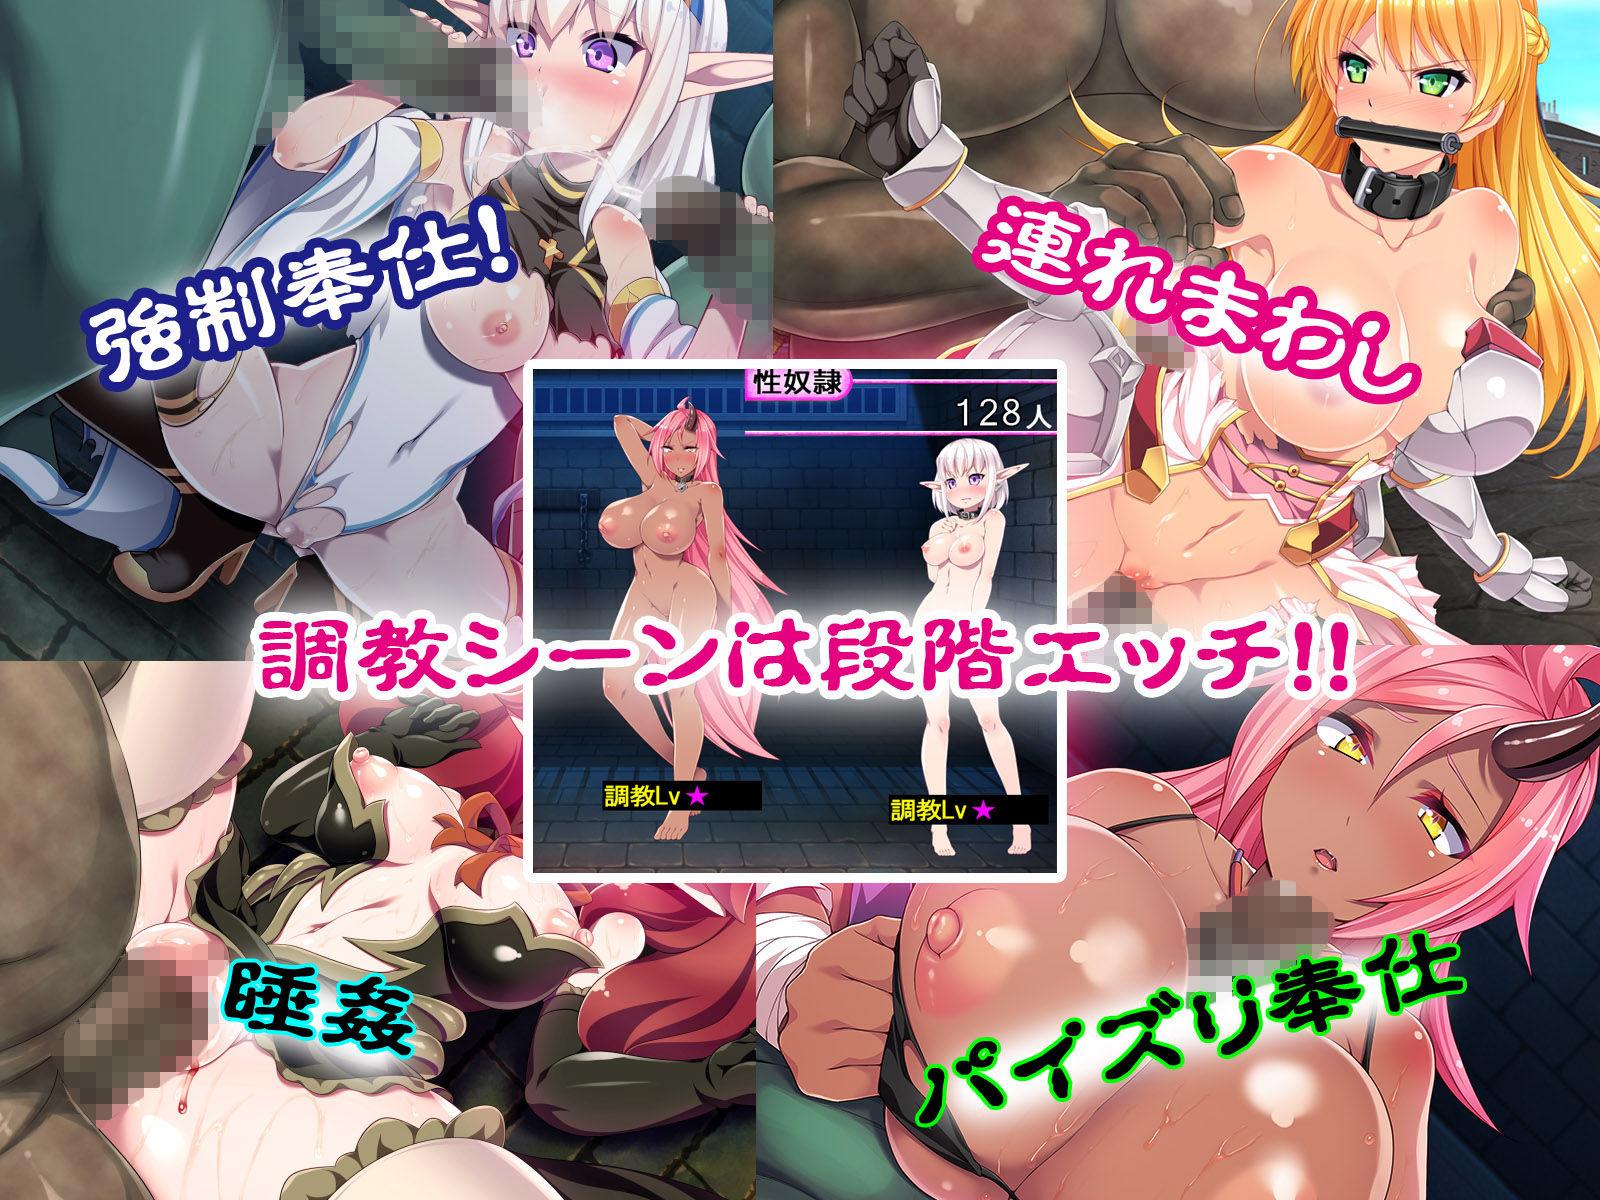 オークと美女奴隷〜堕とされた麗しき戦士たち〜